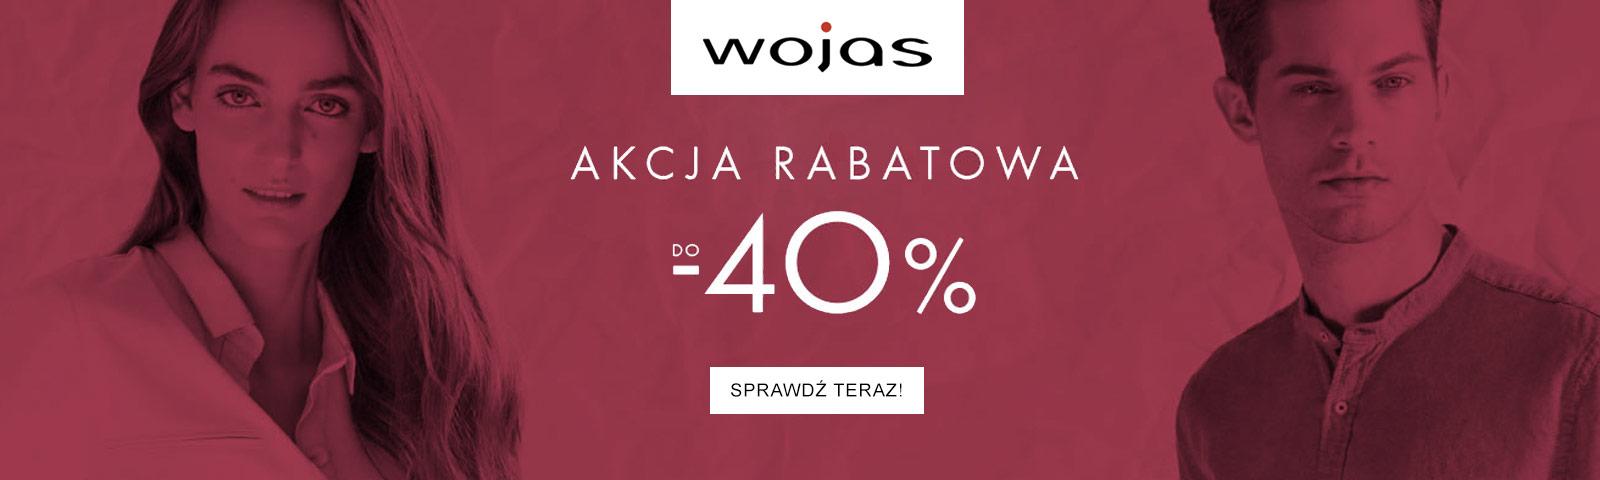 543ff9b0c80c4 Najlepsze Kupony & Kody Rabatowe Interia.pl